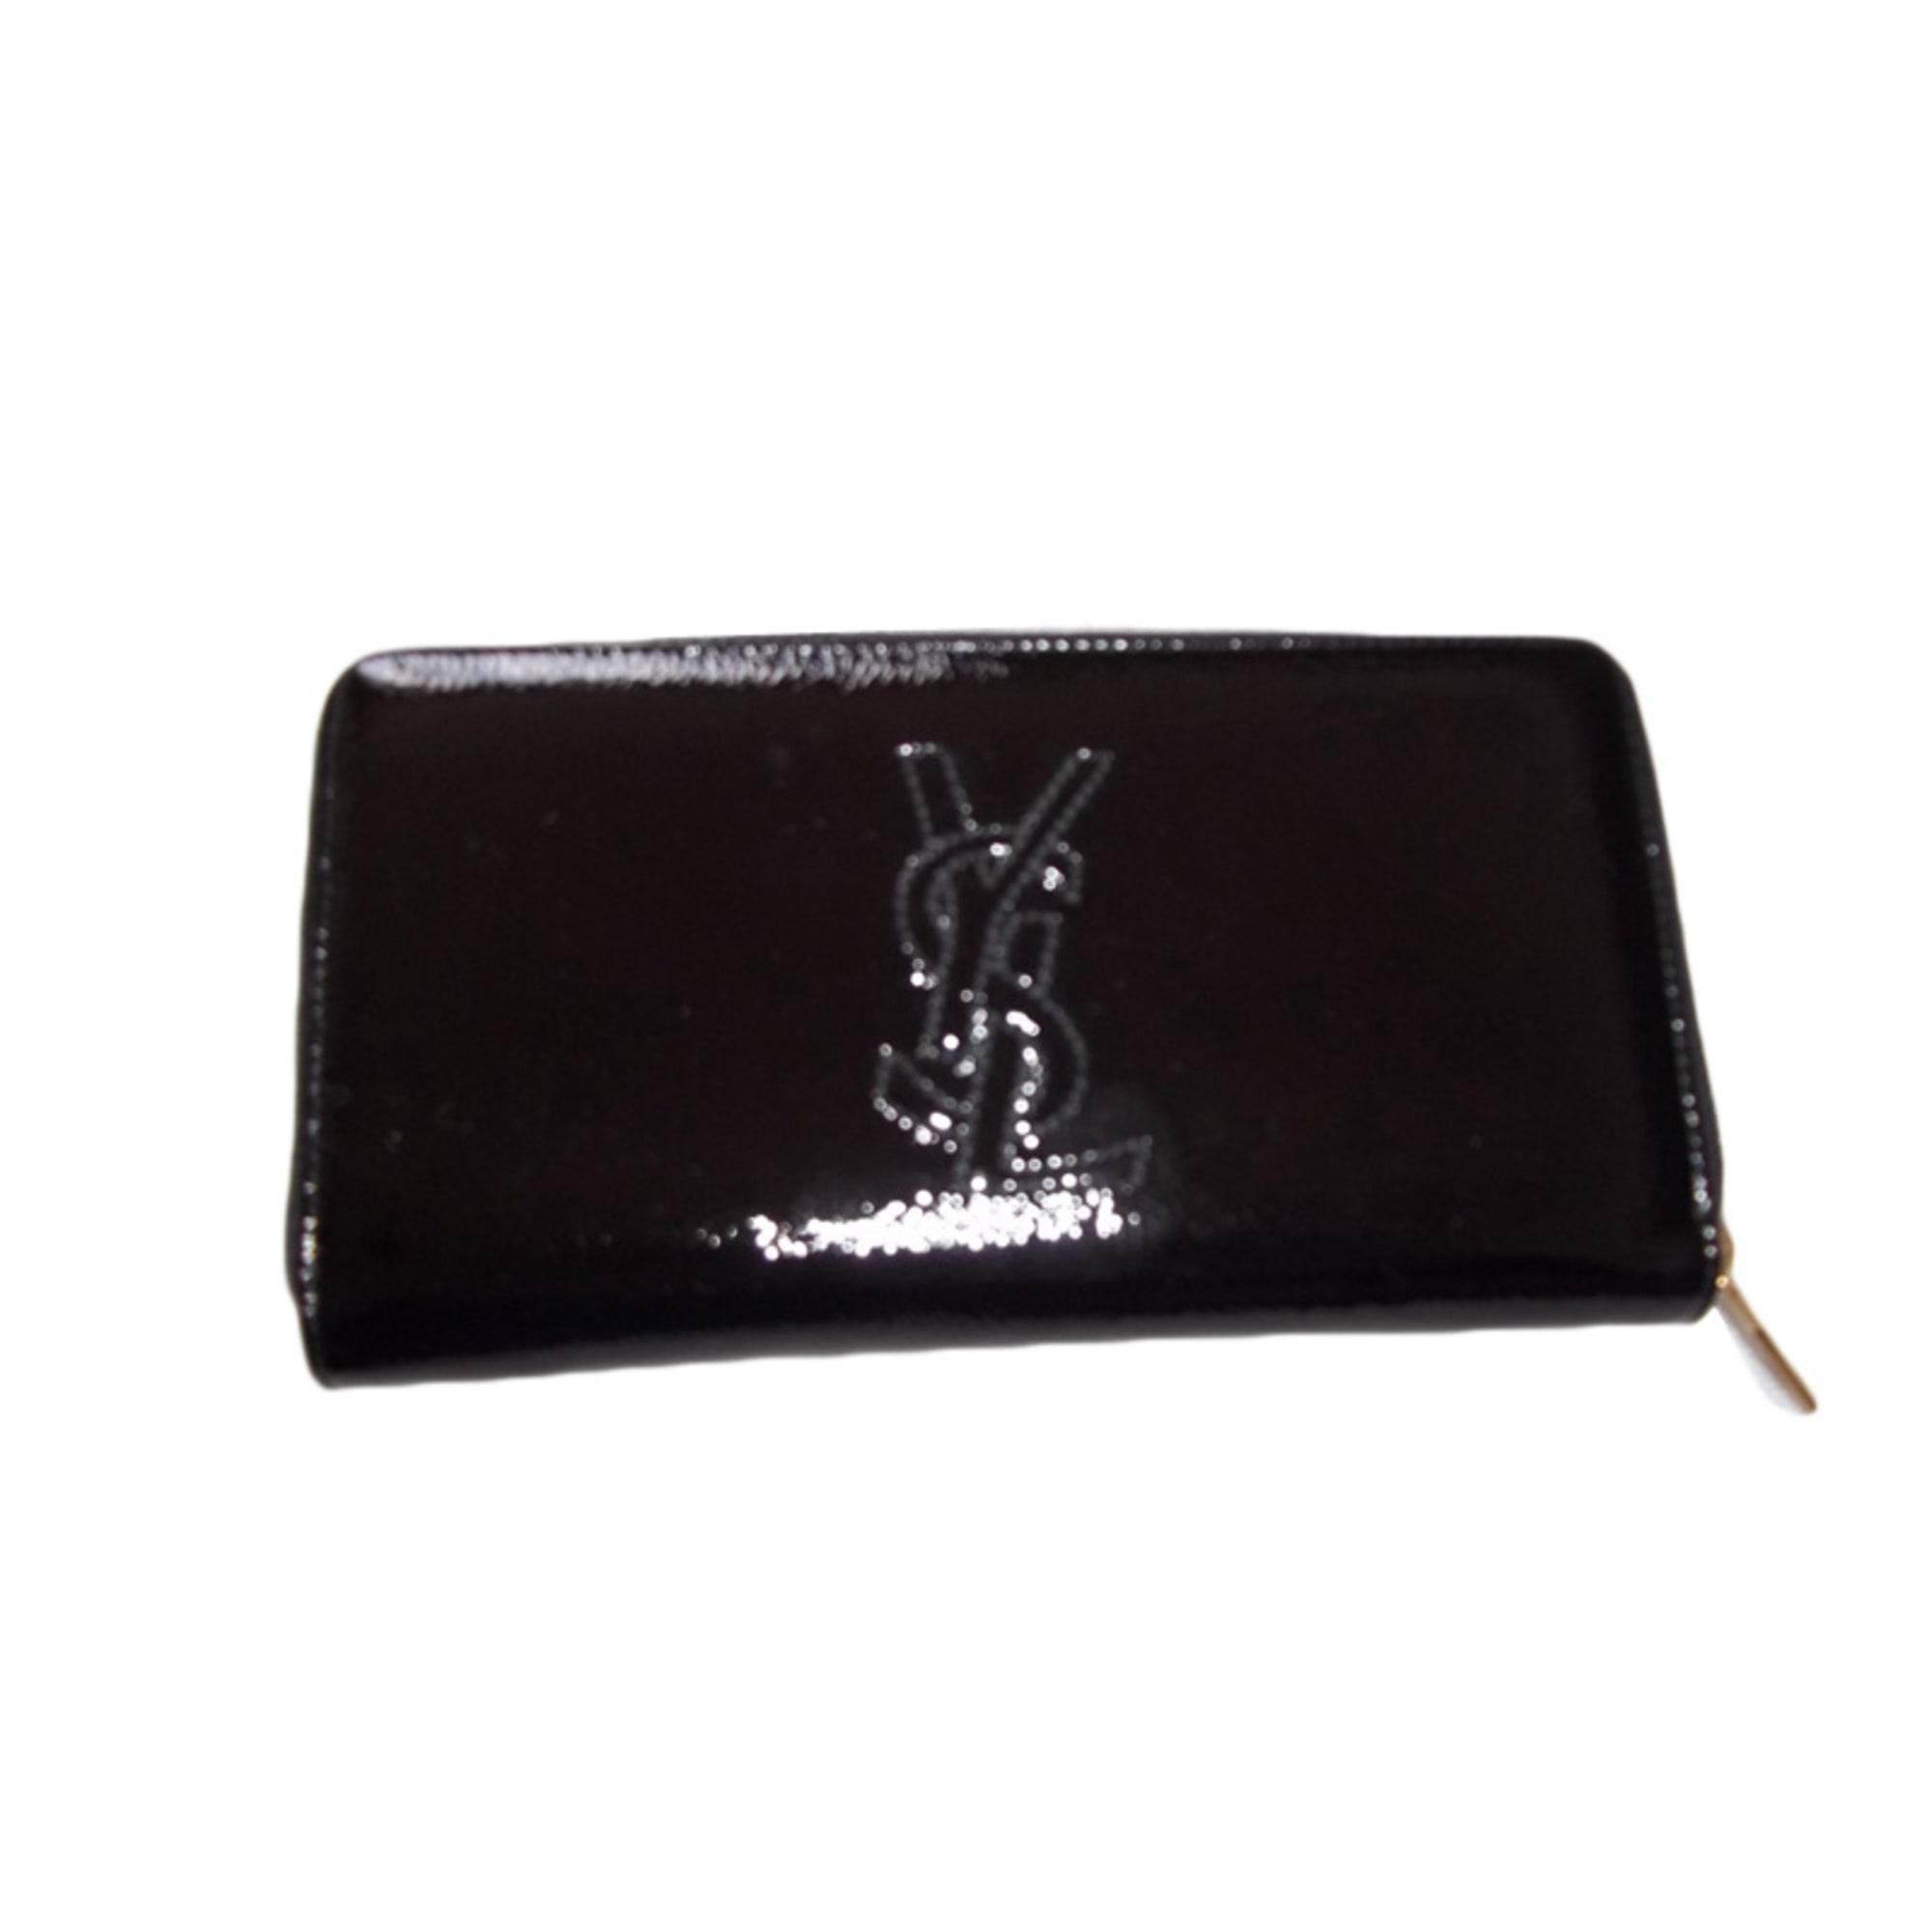 ea958bfc8a96 Portefeuille YVES SAINT LAURENT noir vendu par Marjorie6162 - 2644076